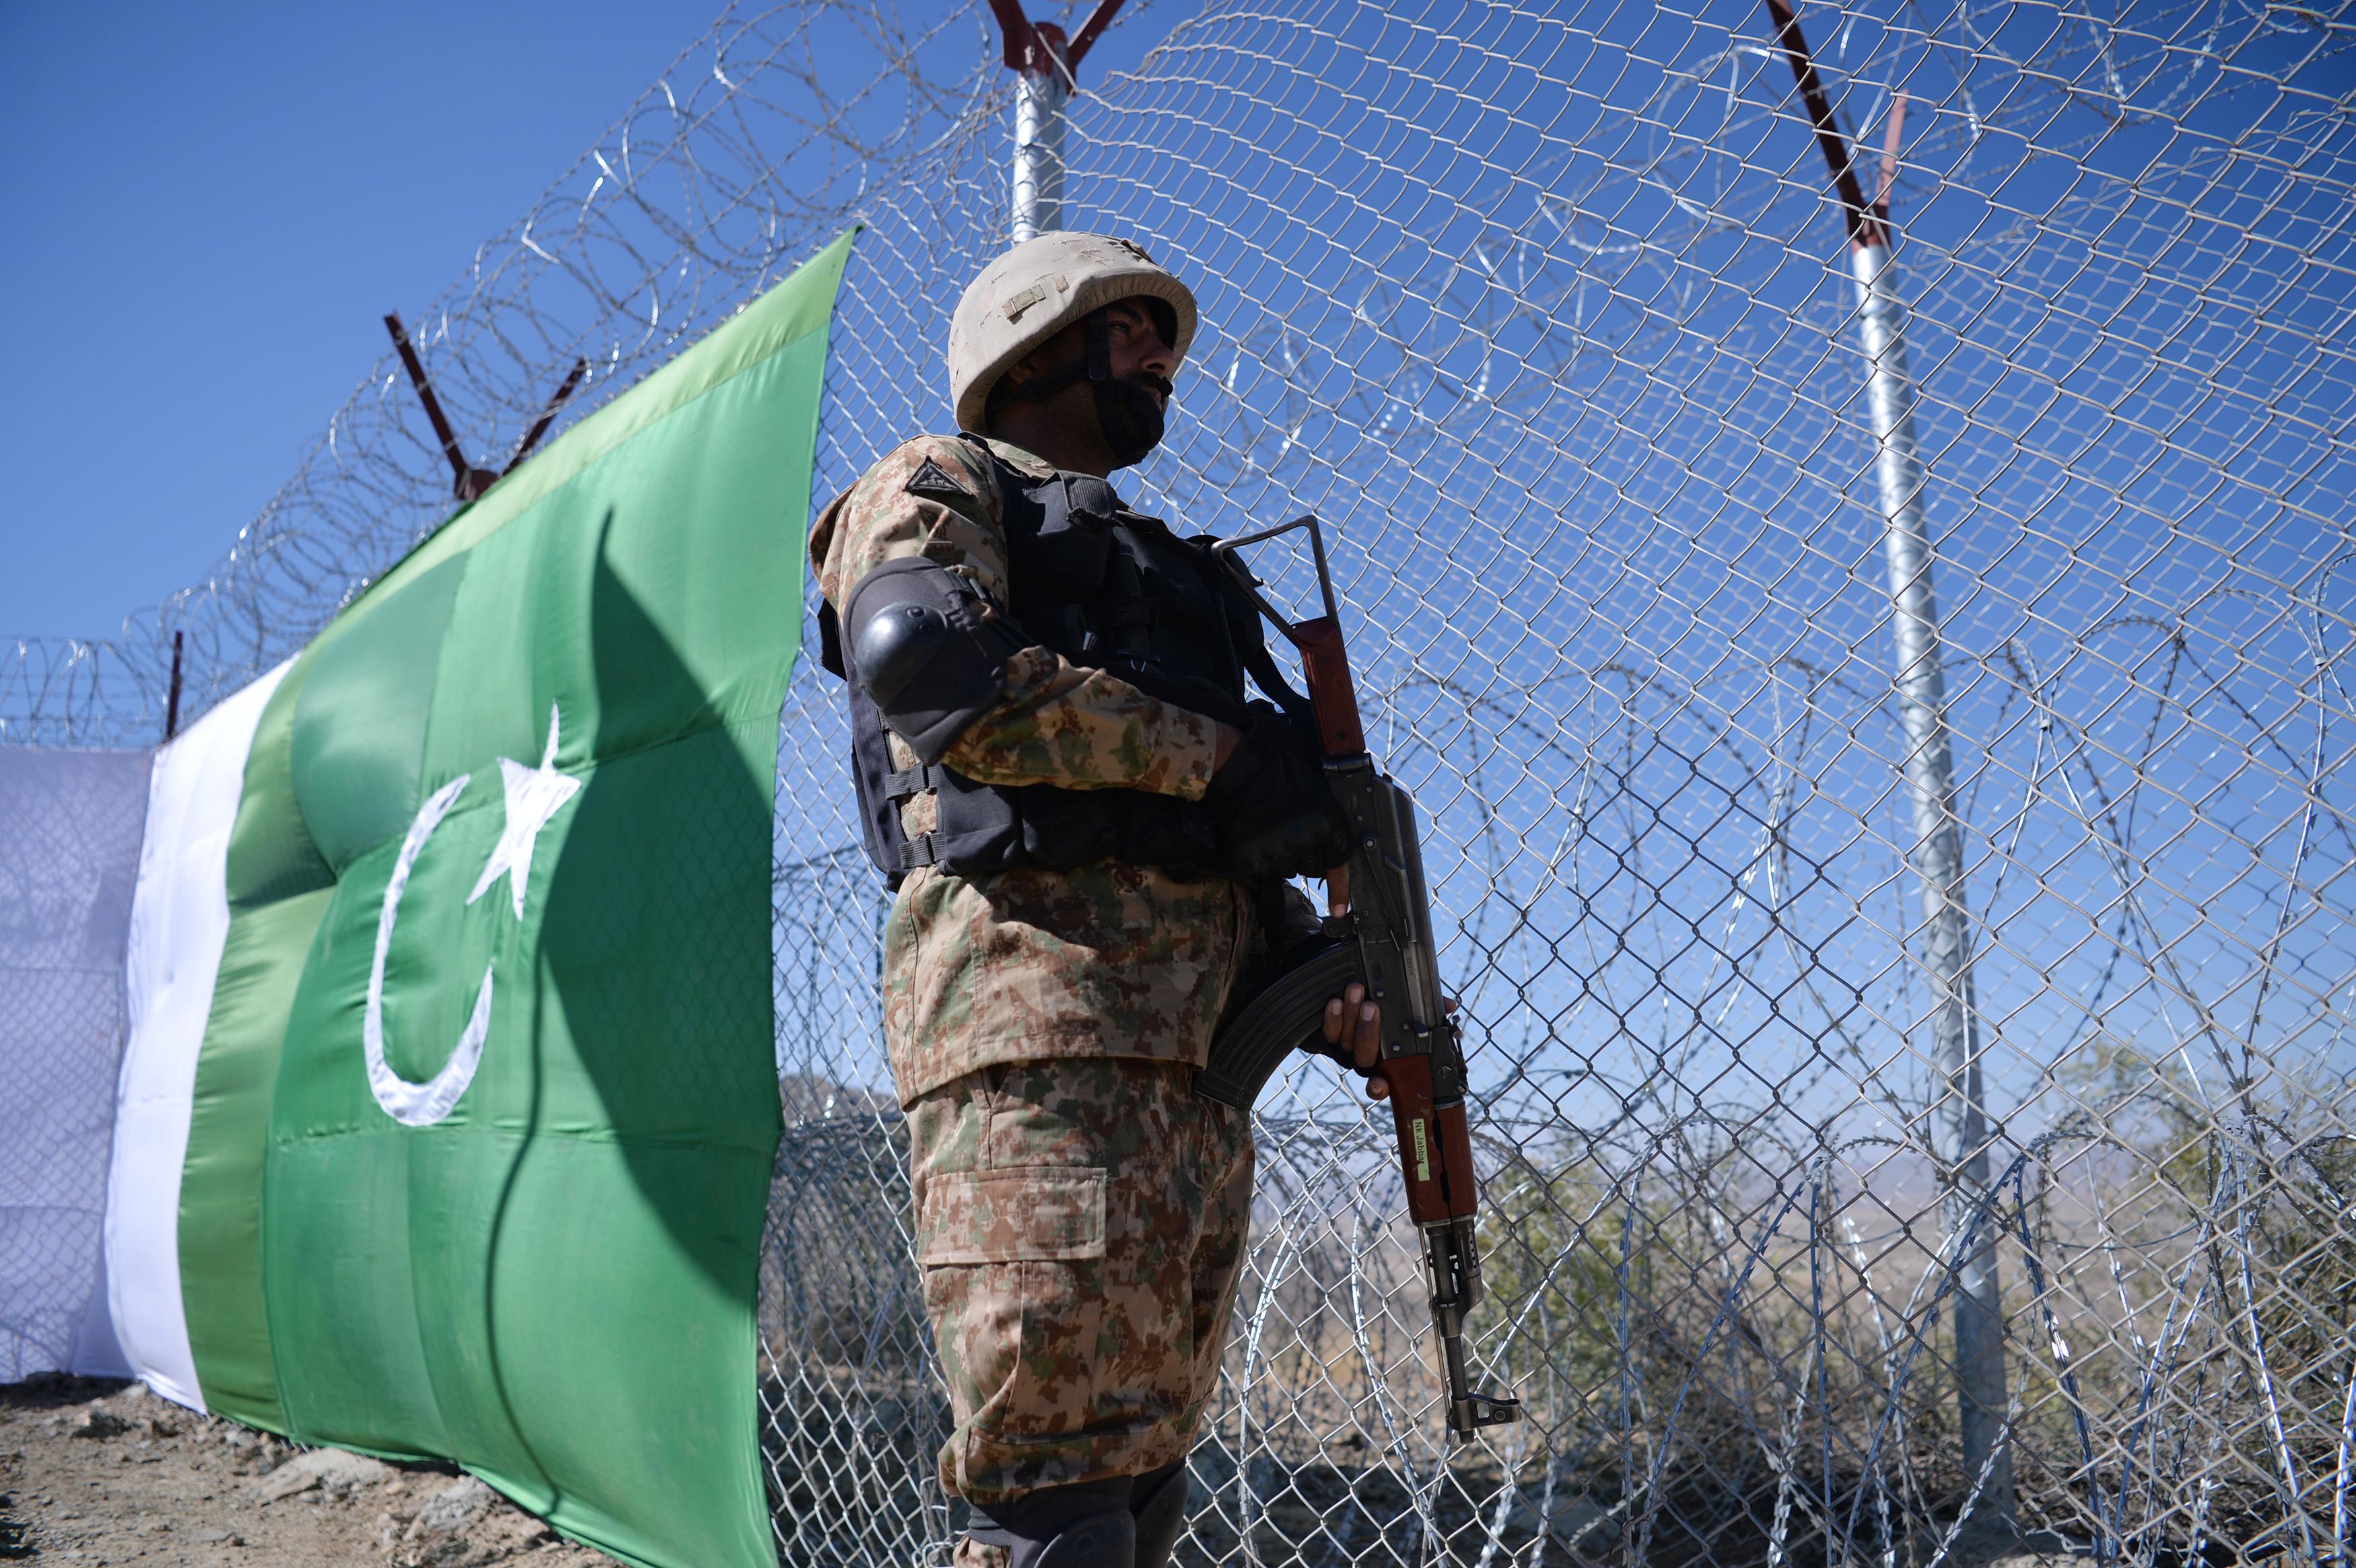 تصاویر میں: پاکستان-افغانستان سرحد کو محفوظ بنانا